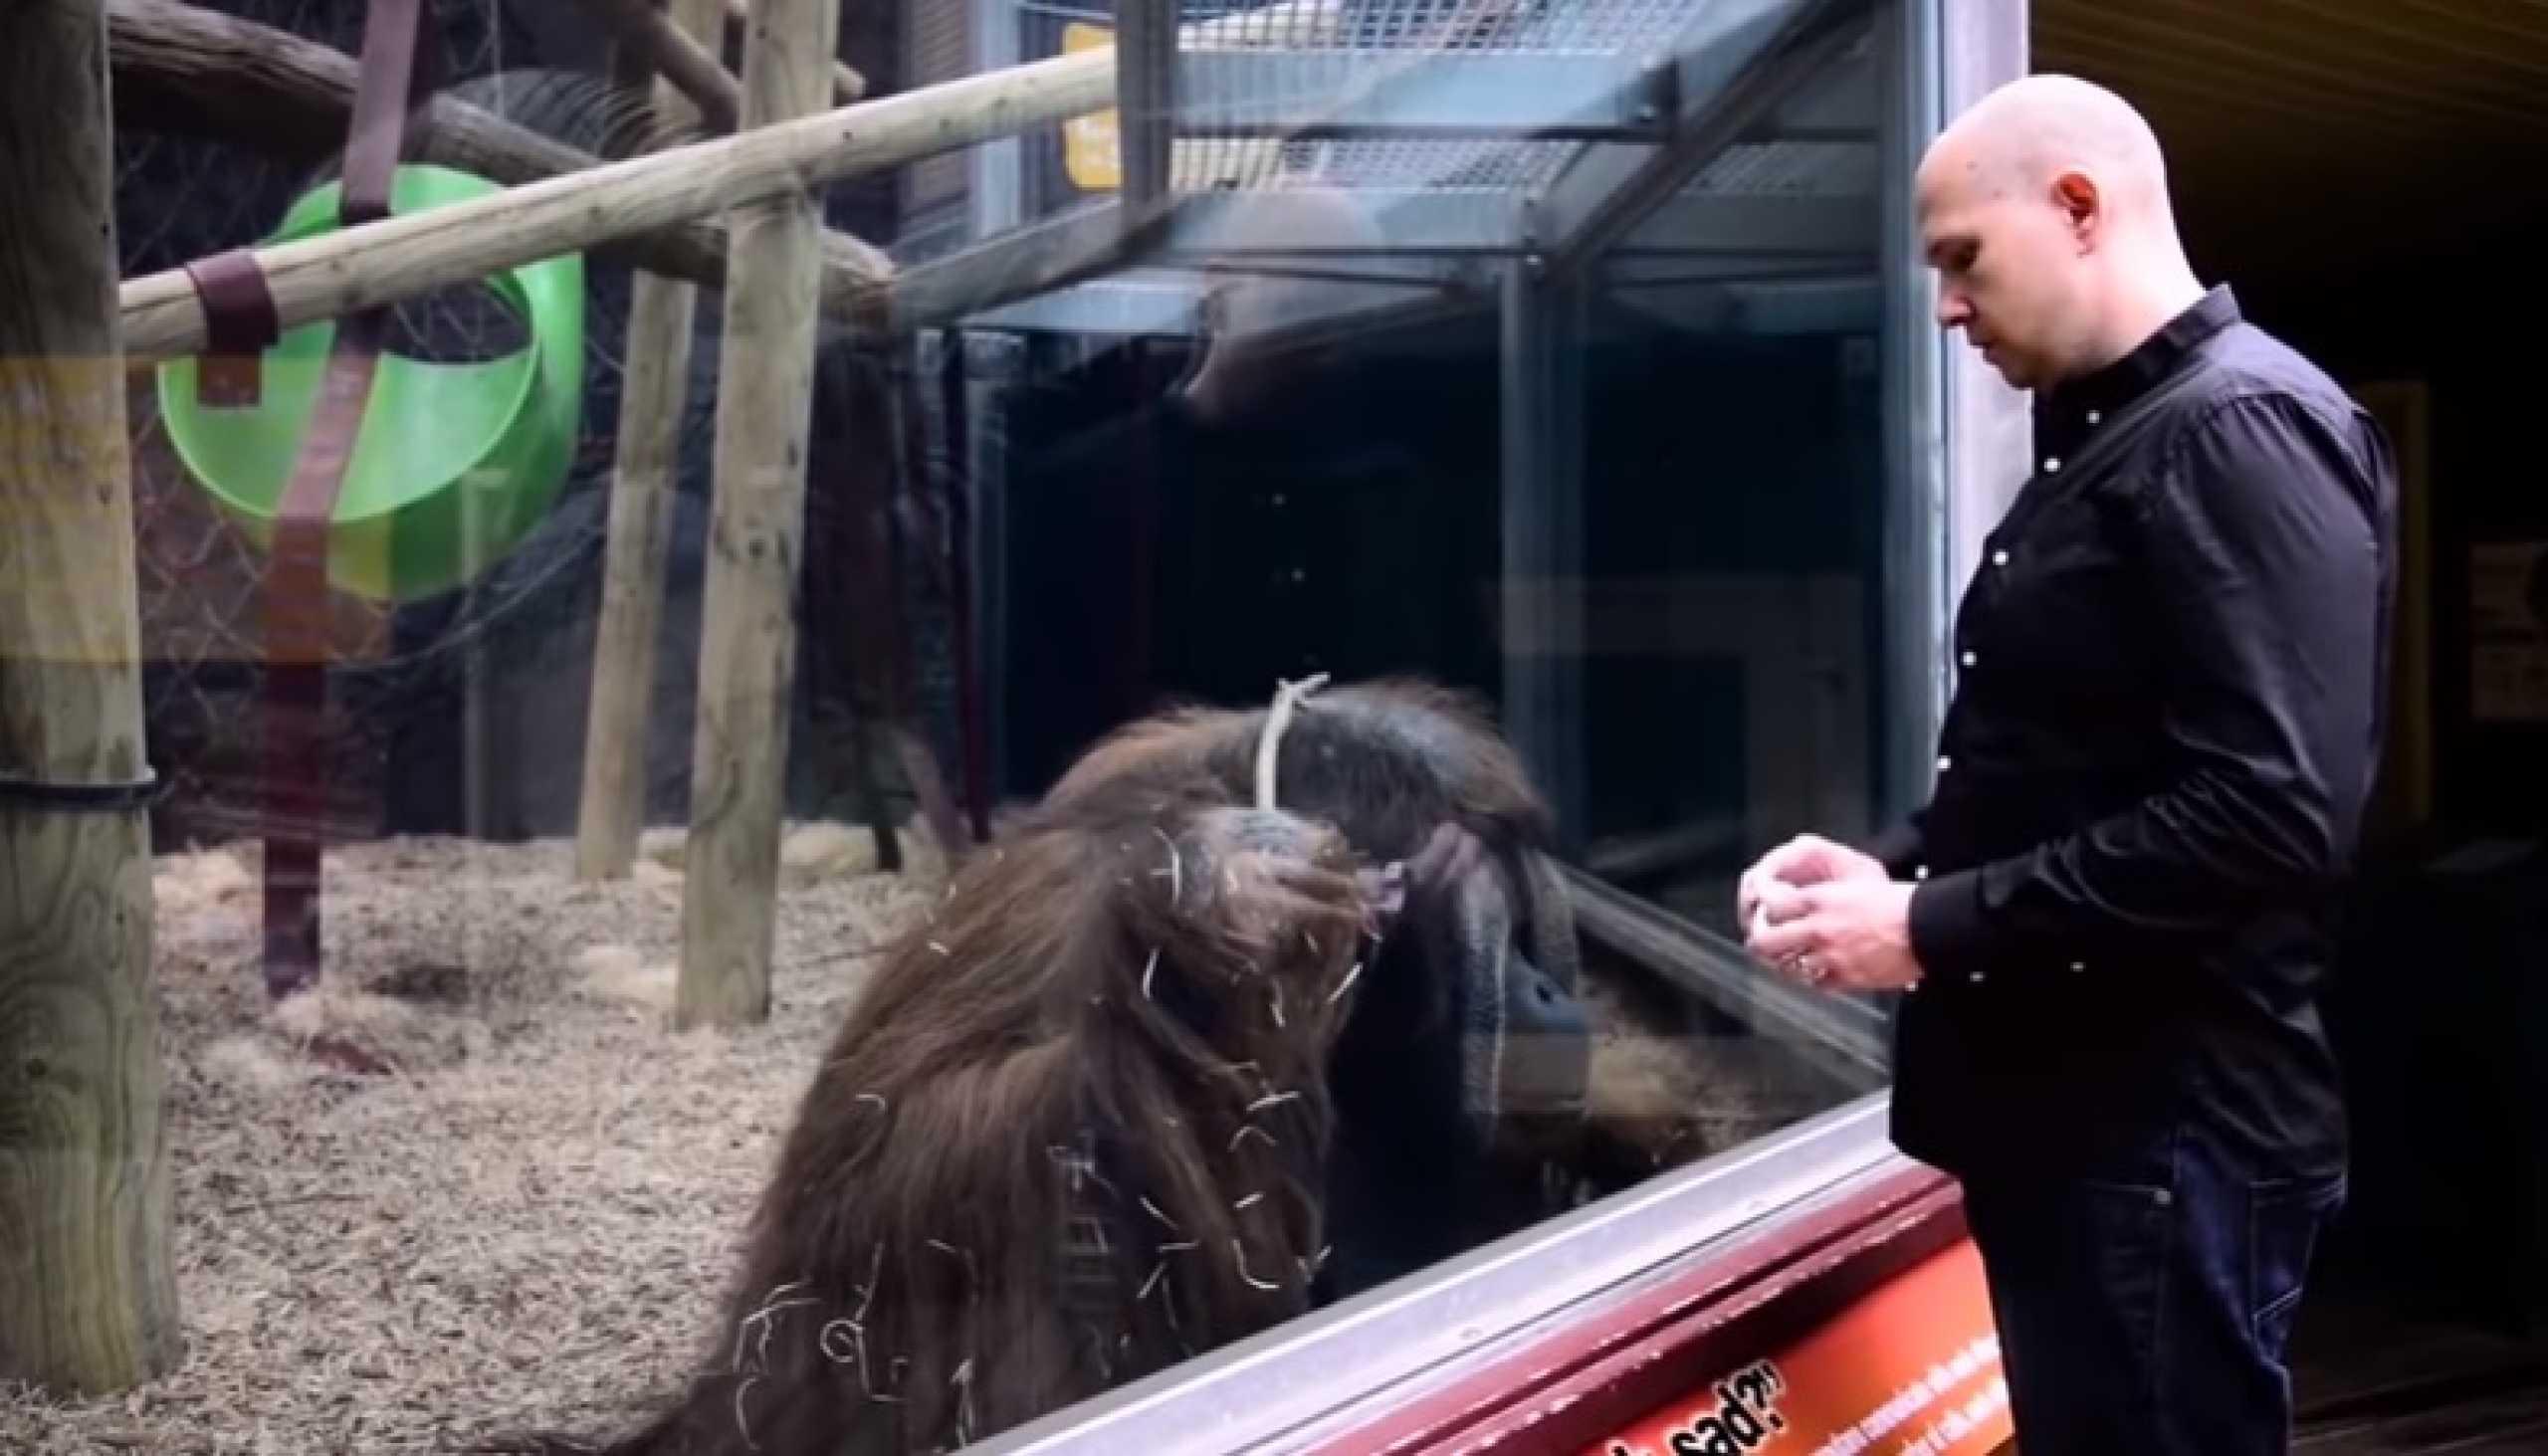 Mágico presta tributo a orangotango que brilhou num dos seus truques